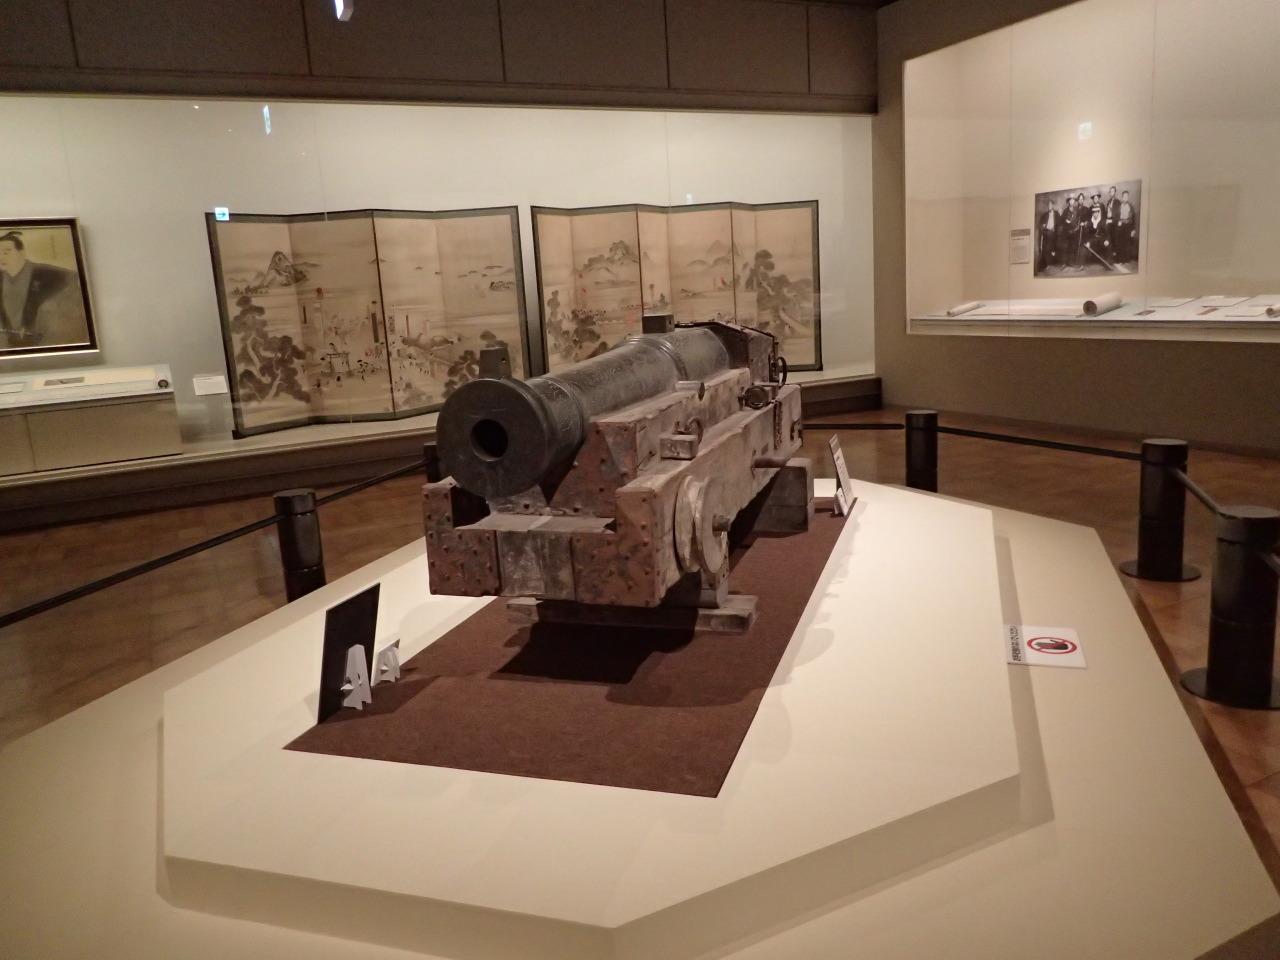 ドラマの展開に応じた構成で、歴史資料が配されている。写真は下関戦争で使用された大砲